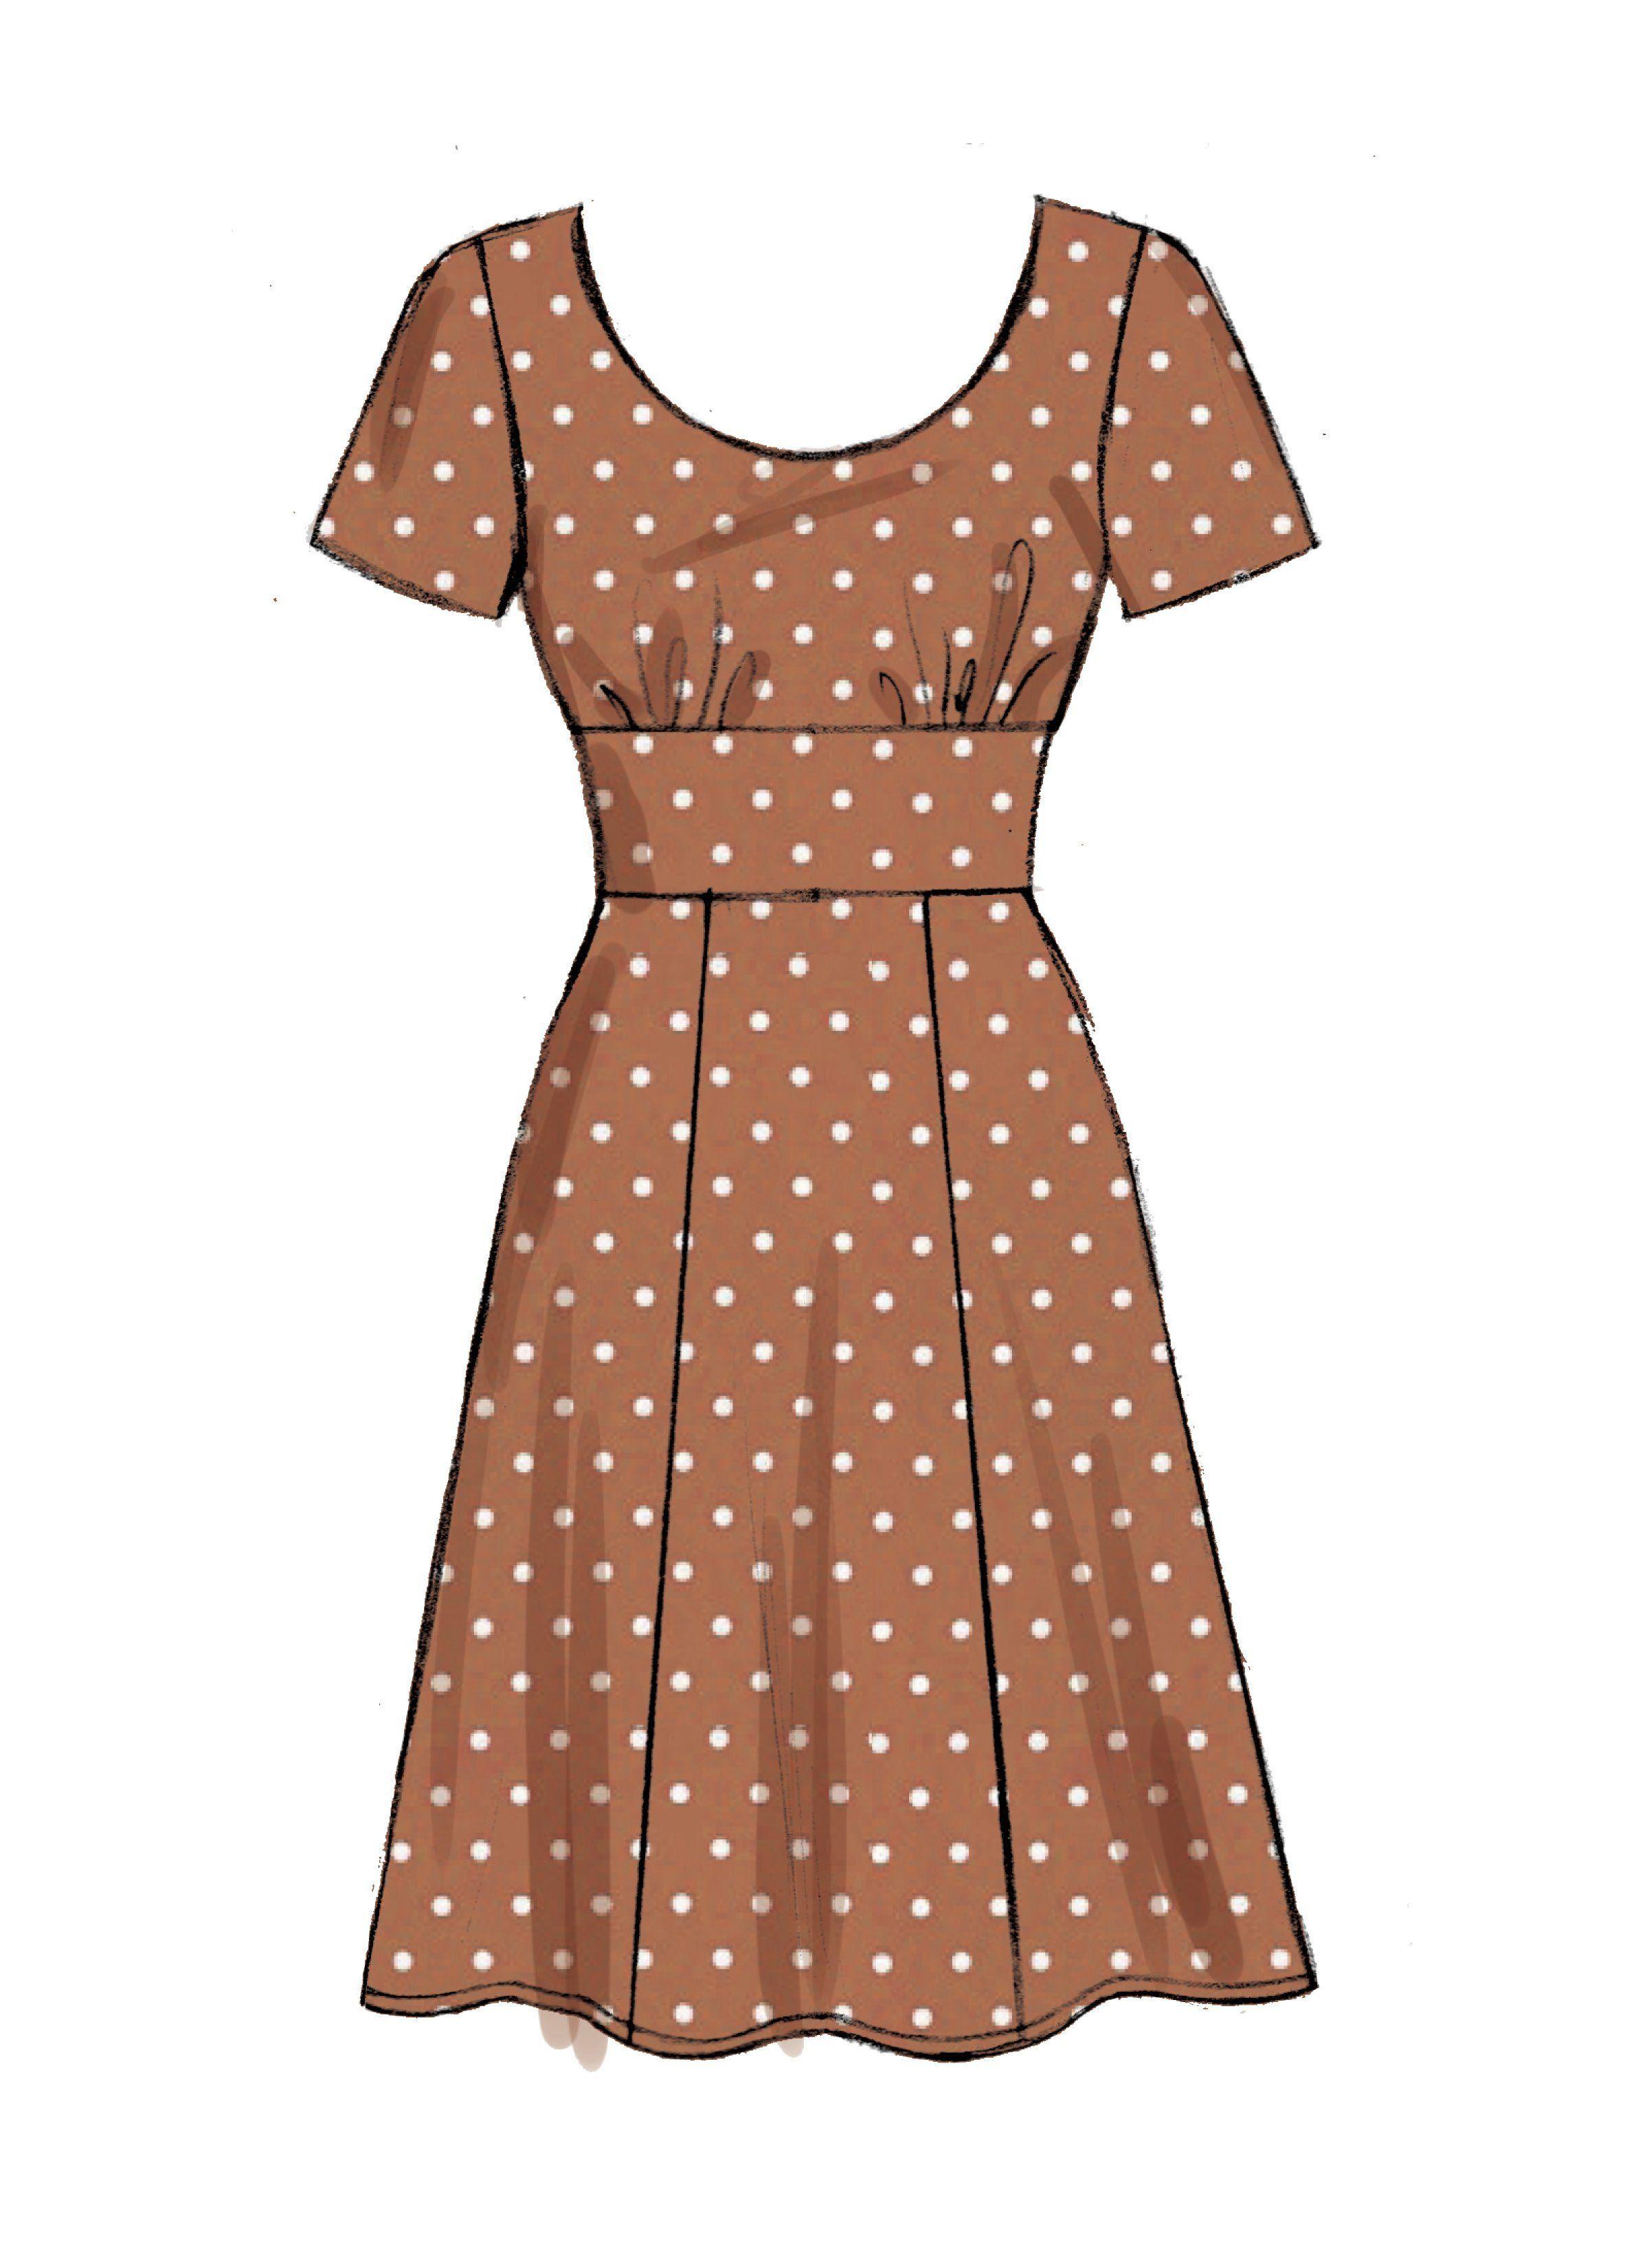 dress-skirt-patterns